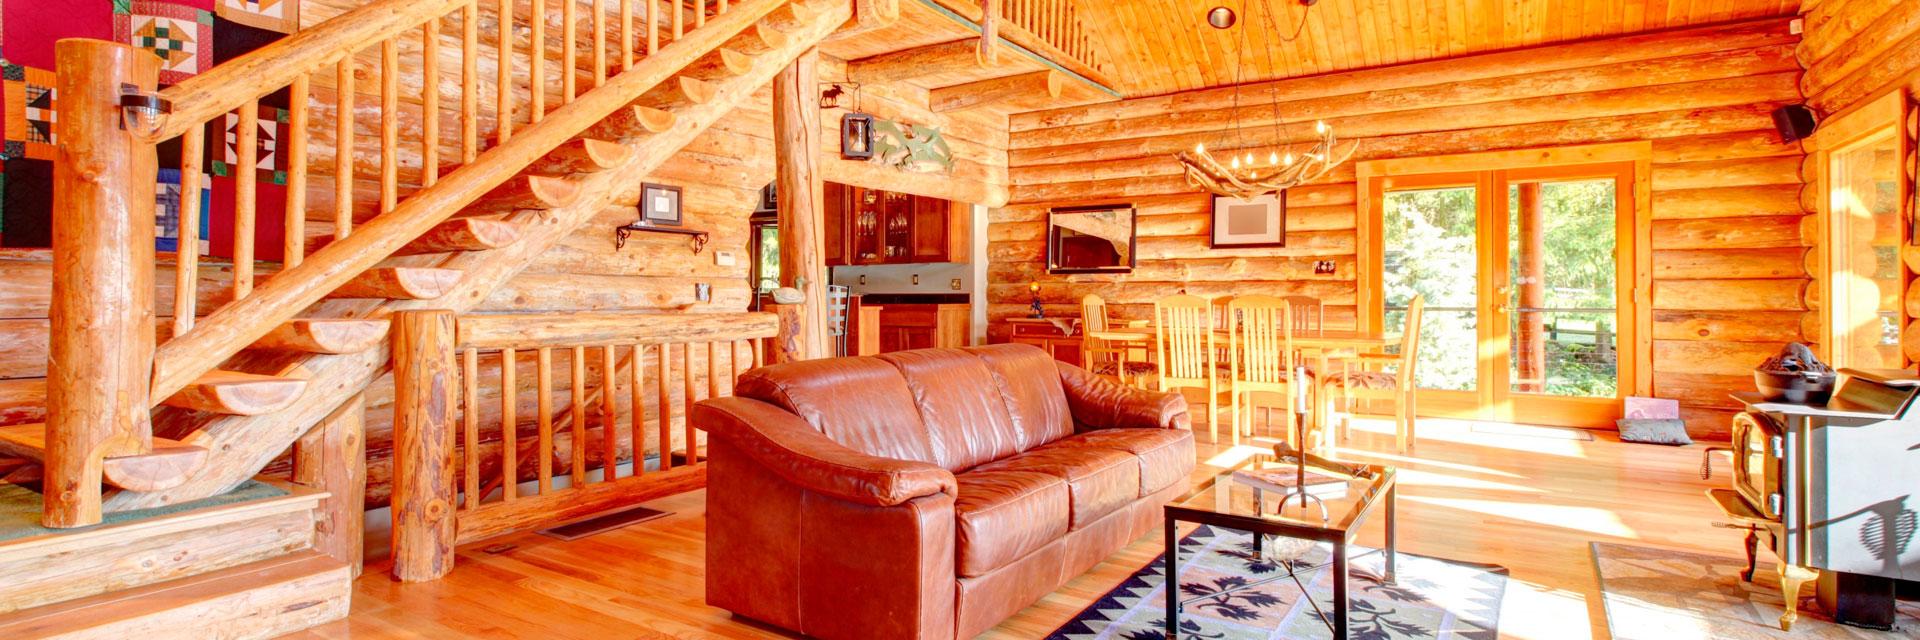 Экспертиза деревянного дома – для покупки, контроля строительства, решения споров